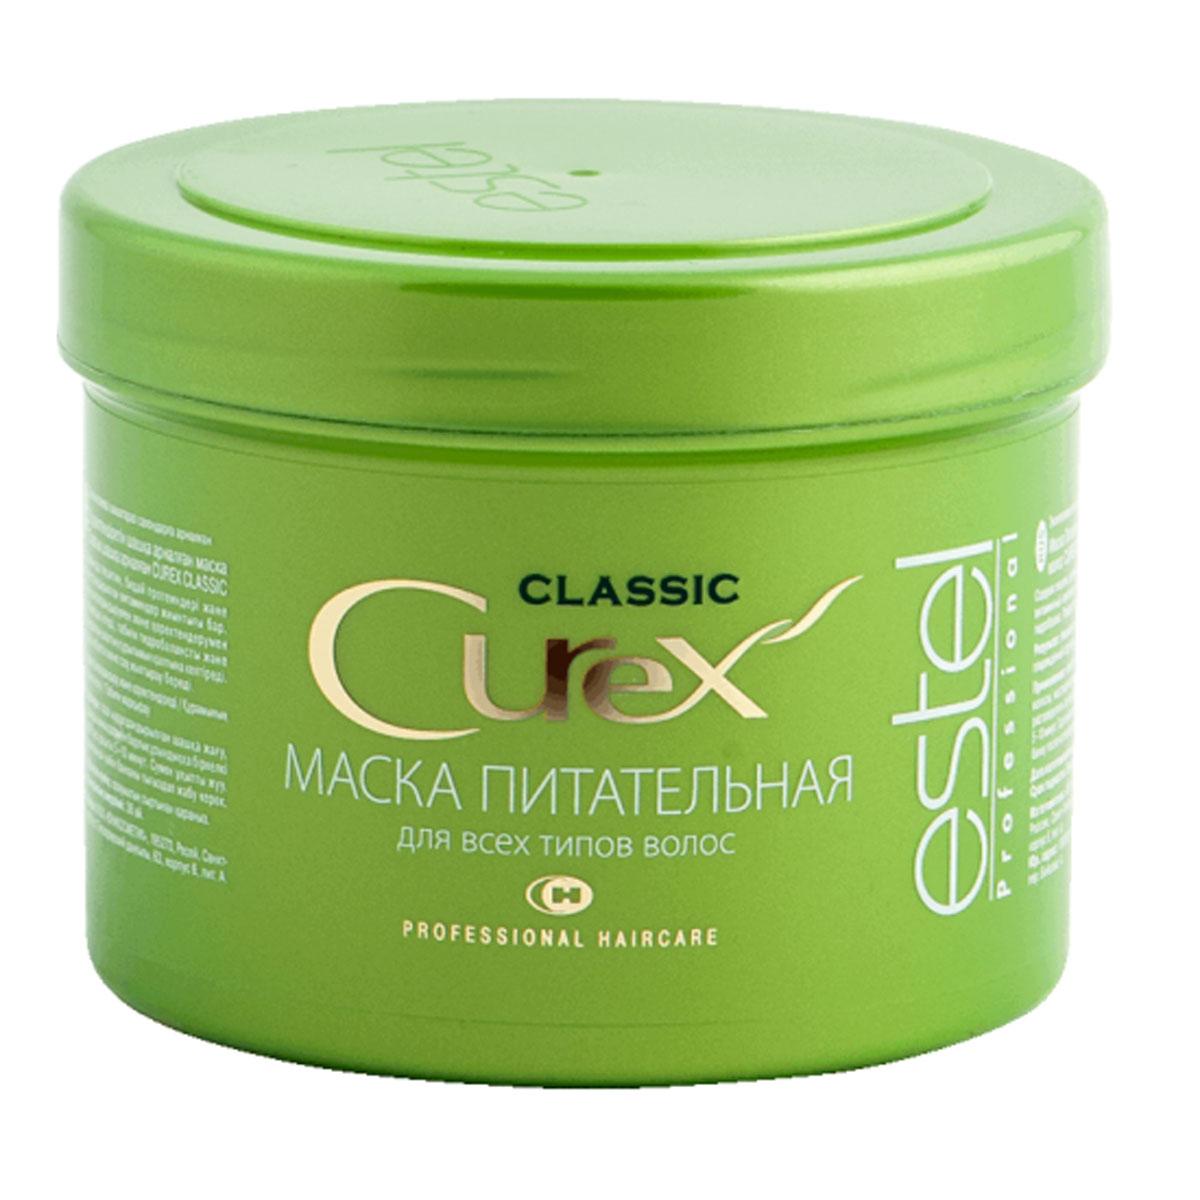 Estel Curex Classic Маска для волос Питательная 500 млMP59.4DМАСКА ДЛЯ ВОЛОС «ПИТАТЕЛЬНАЯ» ESTEL CUREX CLASSICдля всех типов волосСодержит экстракт каштана и сбалансированный витаминный комплекс. Обеспечивает глубокое увлажнение и питание, восстанавливает природный гидробаланс и структуру поврежденных волос. NEW! При регулярном применении сохраняет натуральный пигмент.Результат:Увлажнение и питаниеВосстановление поврежденной структурыЕстественный блеск